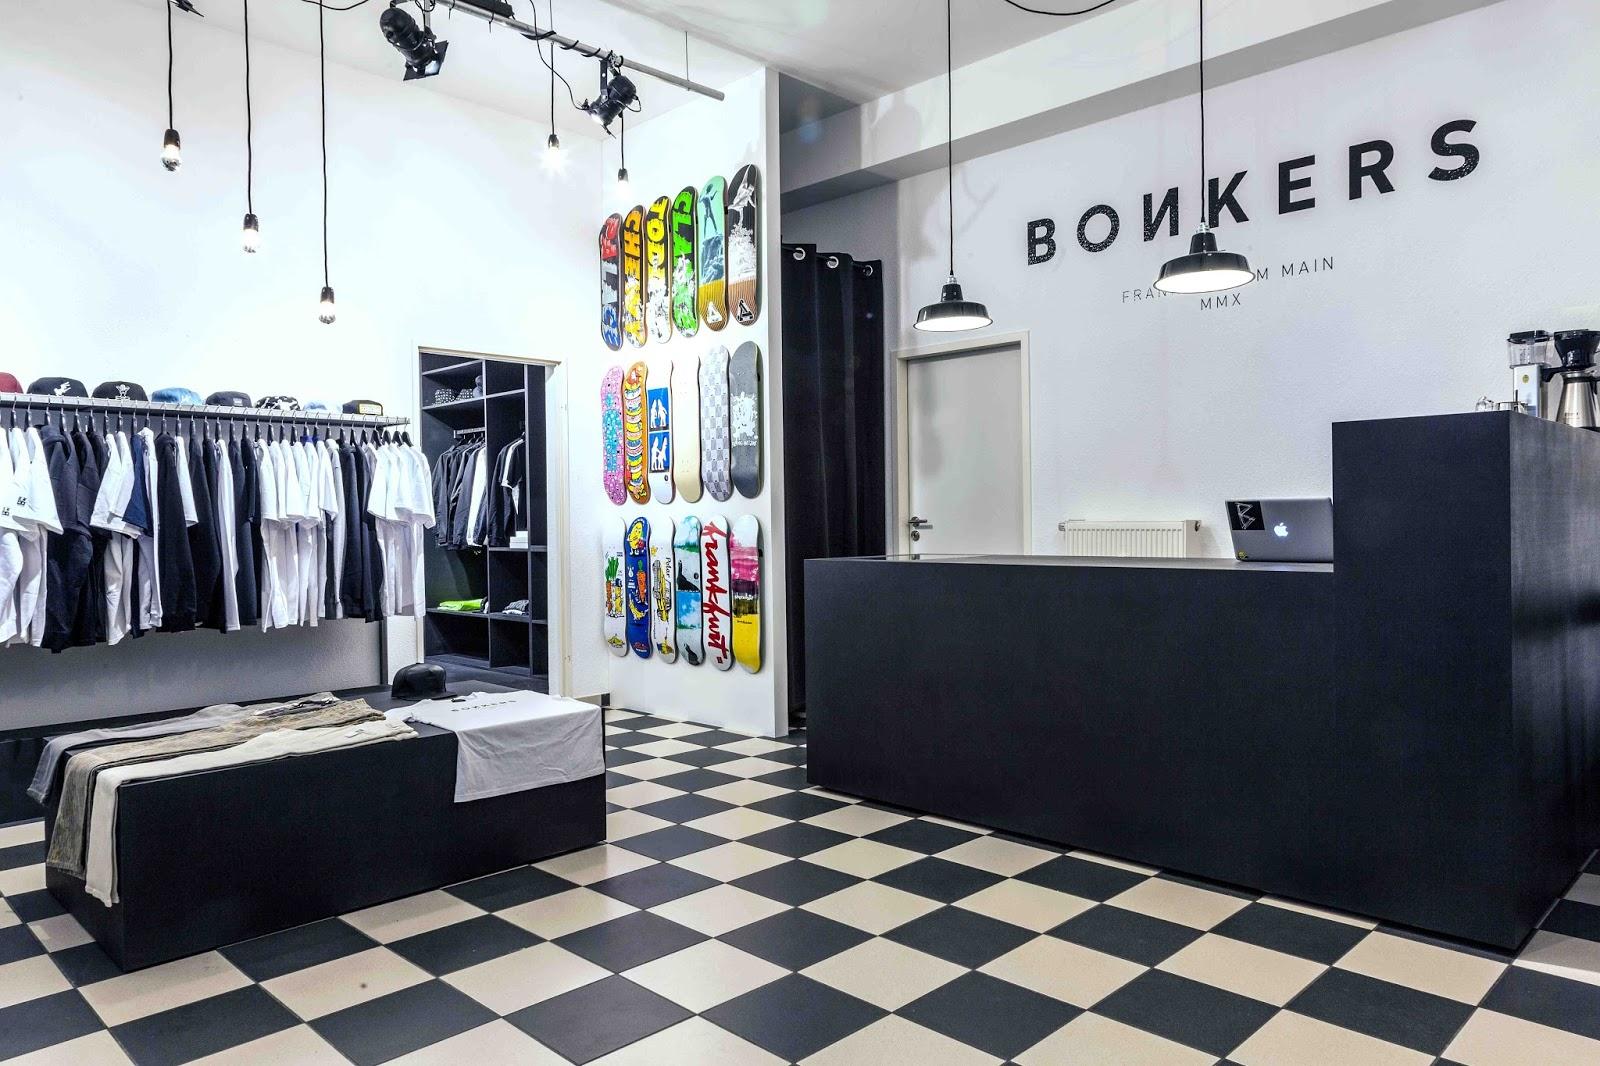 aa88d34db5c74c DMLB  Seit wann gibt es euren Shop und wie seid ihr auf die Idee gekommen  einen Skateshop zu eröffnen  Die große Hoffnung nach möglichst viel Umsatz  kann es ...